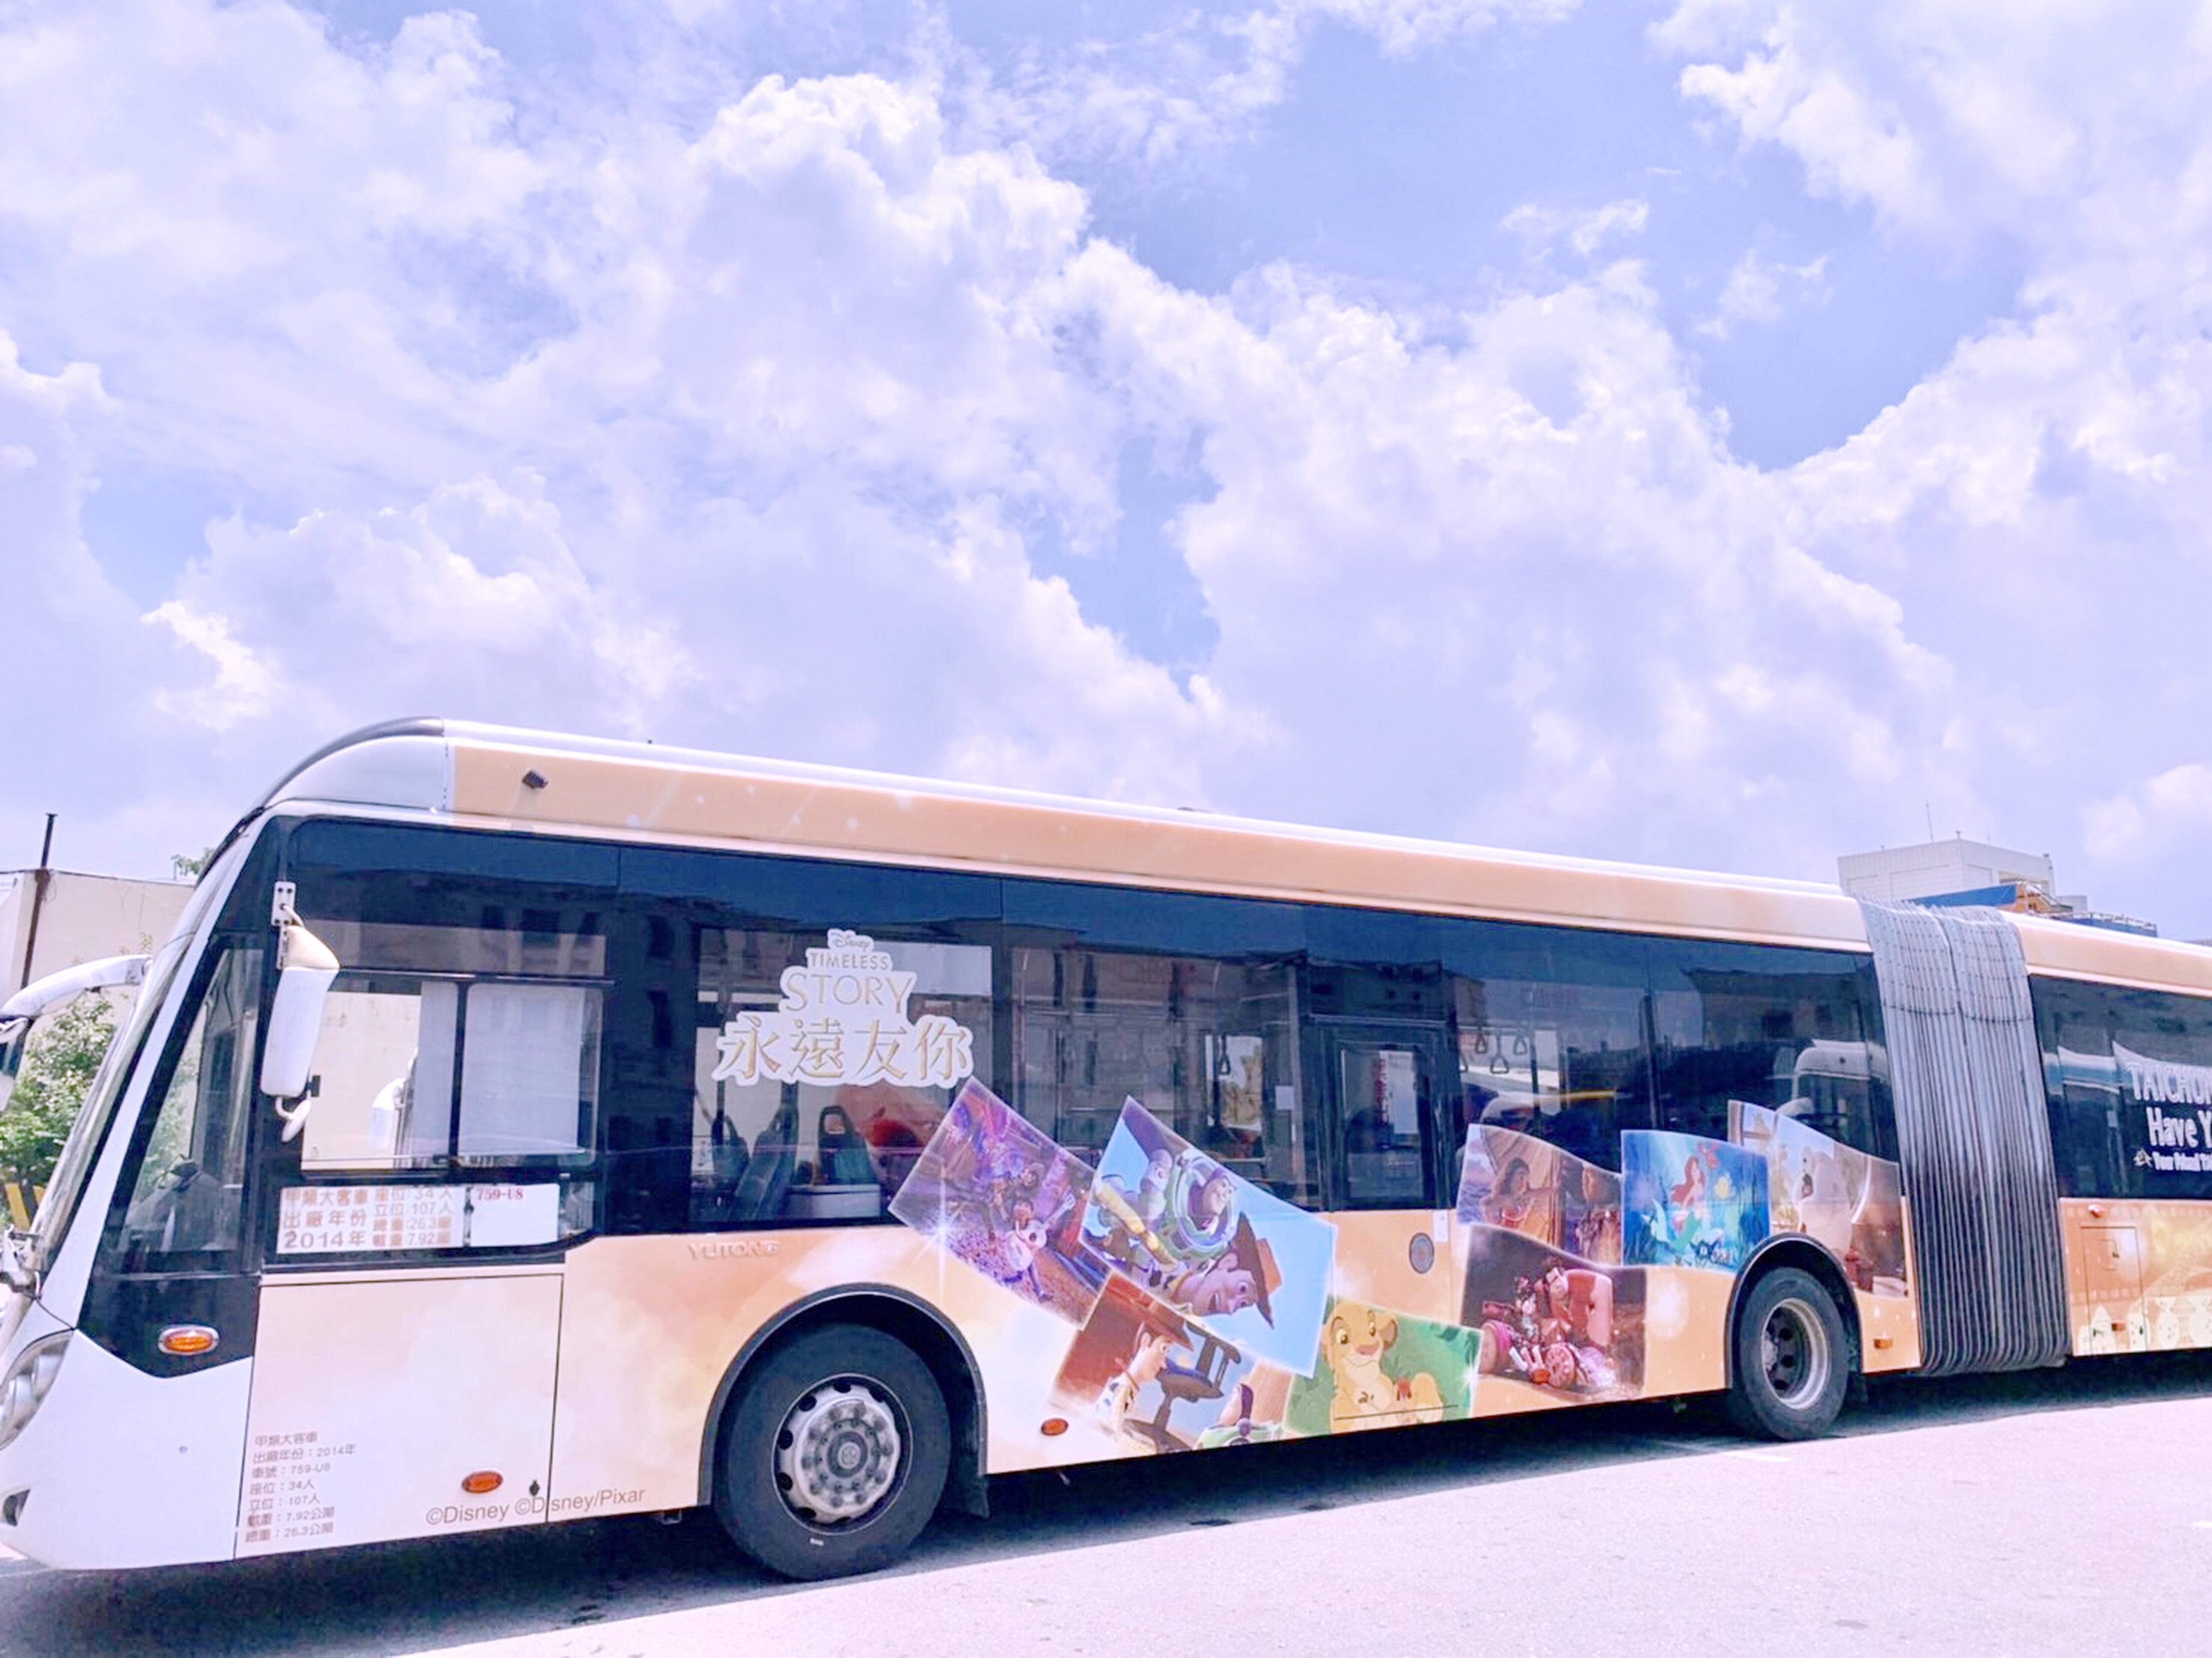 台中市政府與迪士尼公司合作,推出全國獨家首輛雙節彩繪公車。(圖/台中市政府)